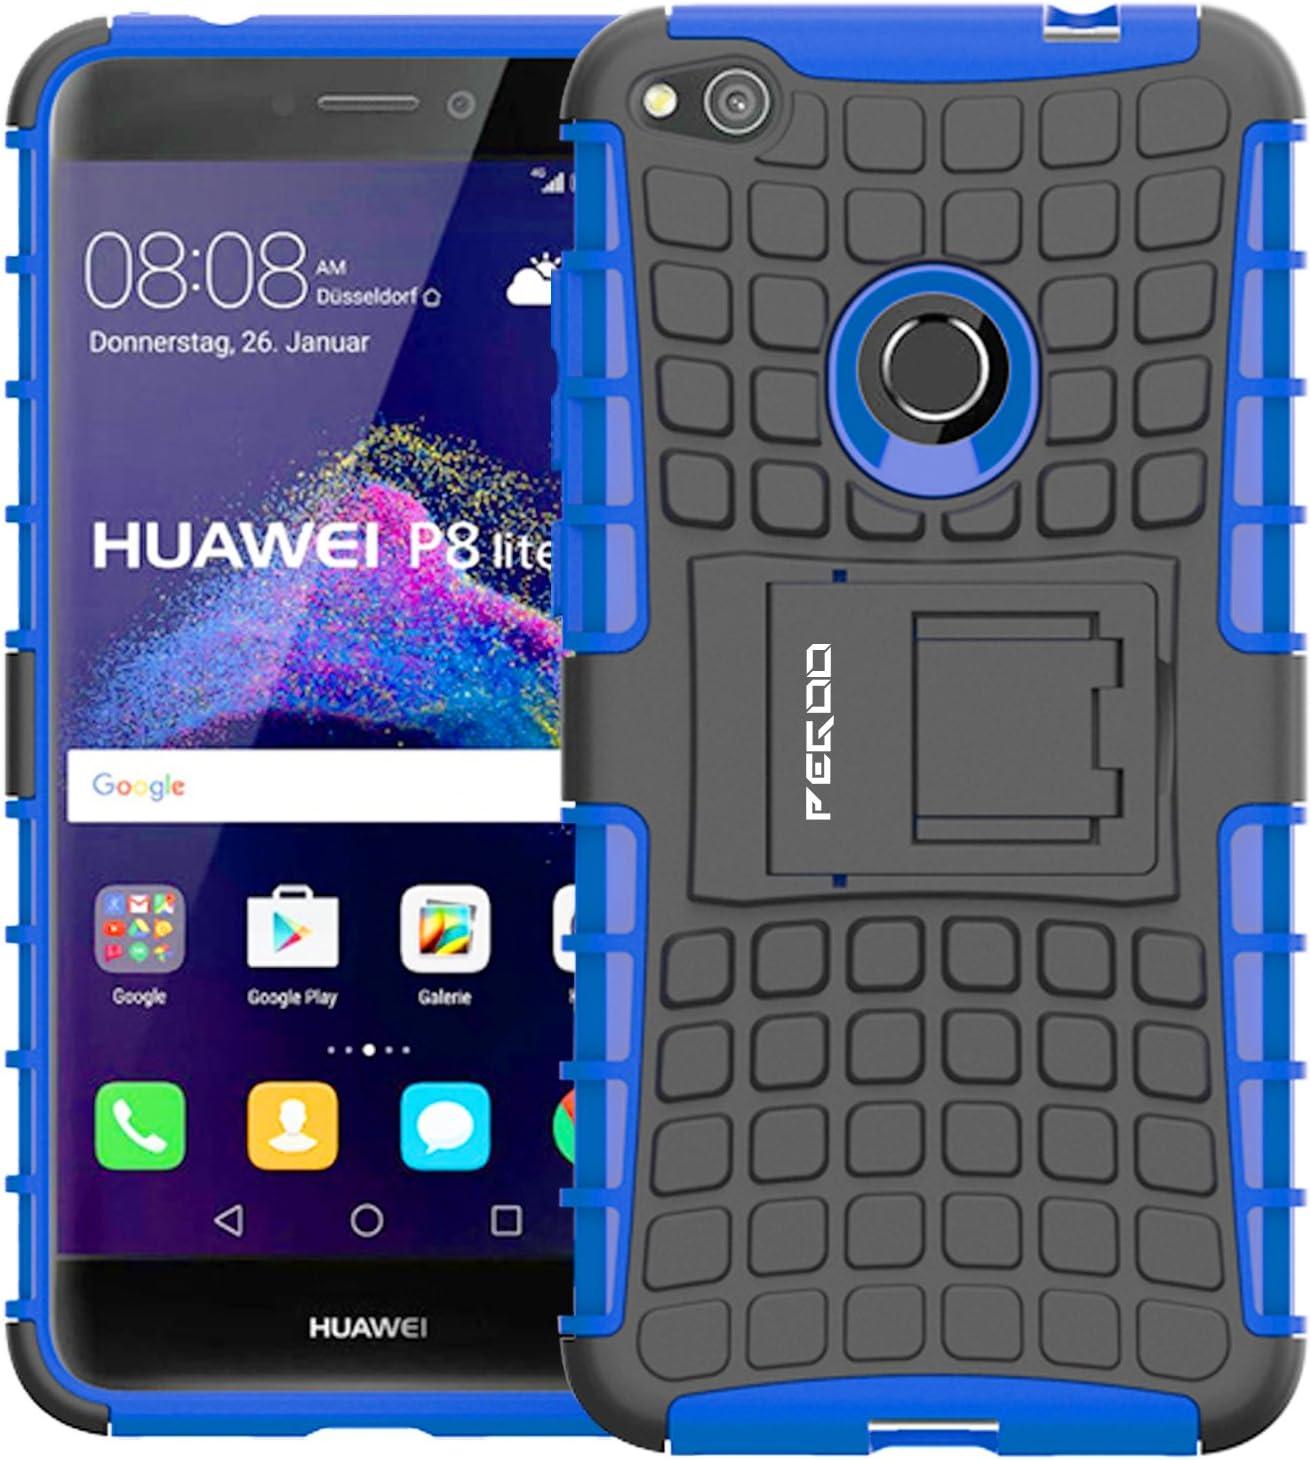 Funda Huawei P8 lite 2017,Pegoo Proteccion Cover Case para Huawei P8 lite 2017 (Azul): Amazon.es: Bricolaje y herramientas